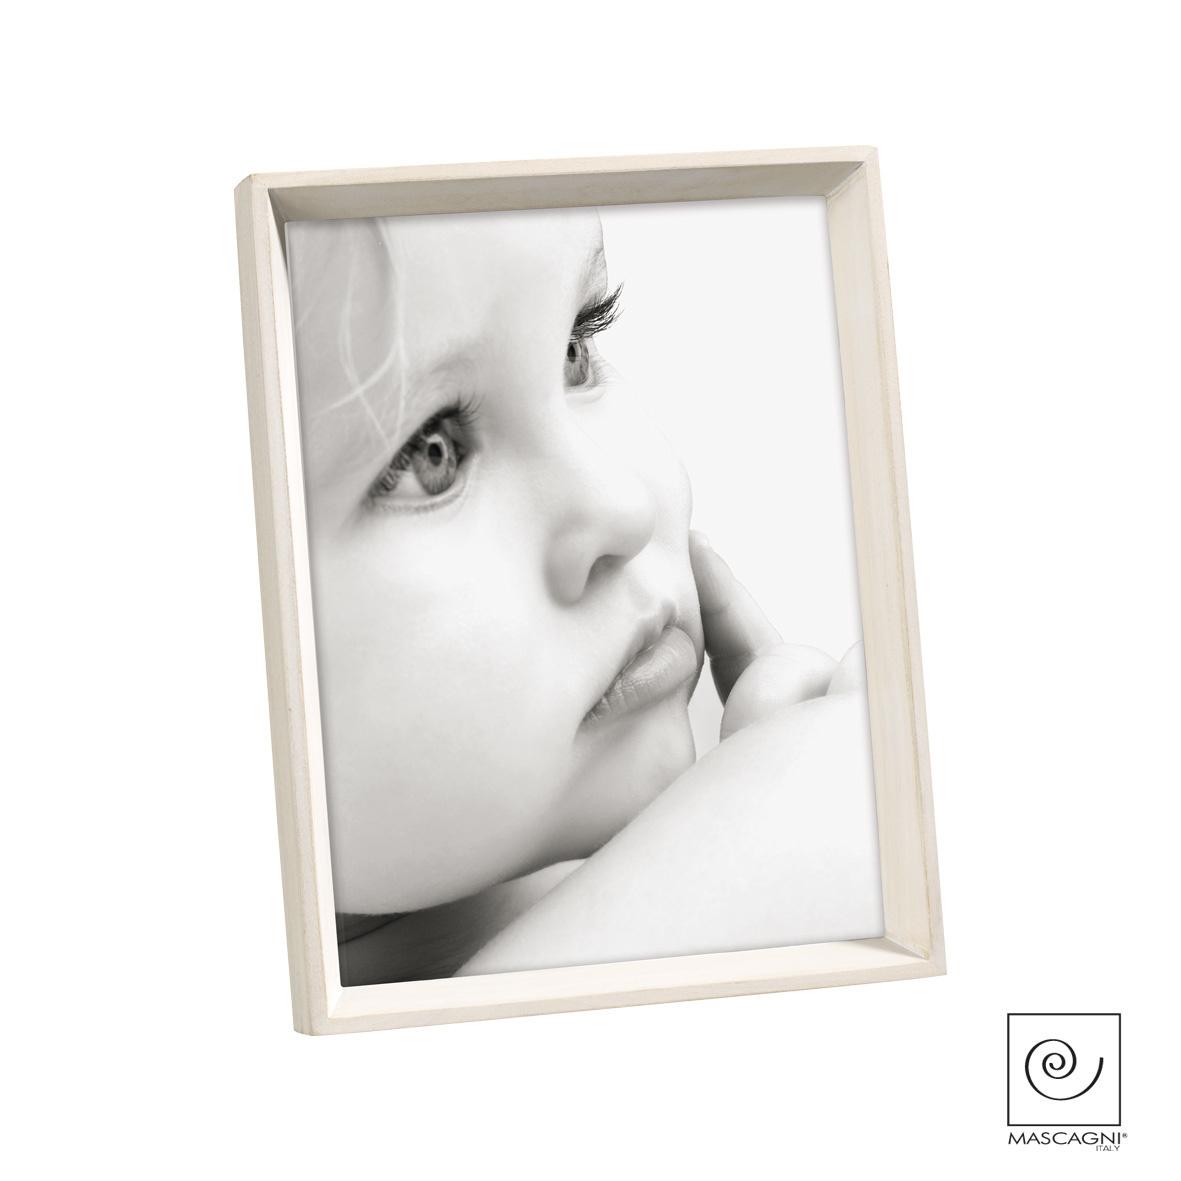 Art Mascagni A754 PHOTO FRAME 13X18 - COL. WHITE